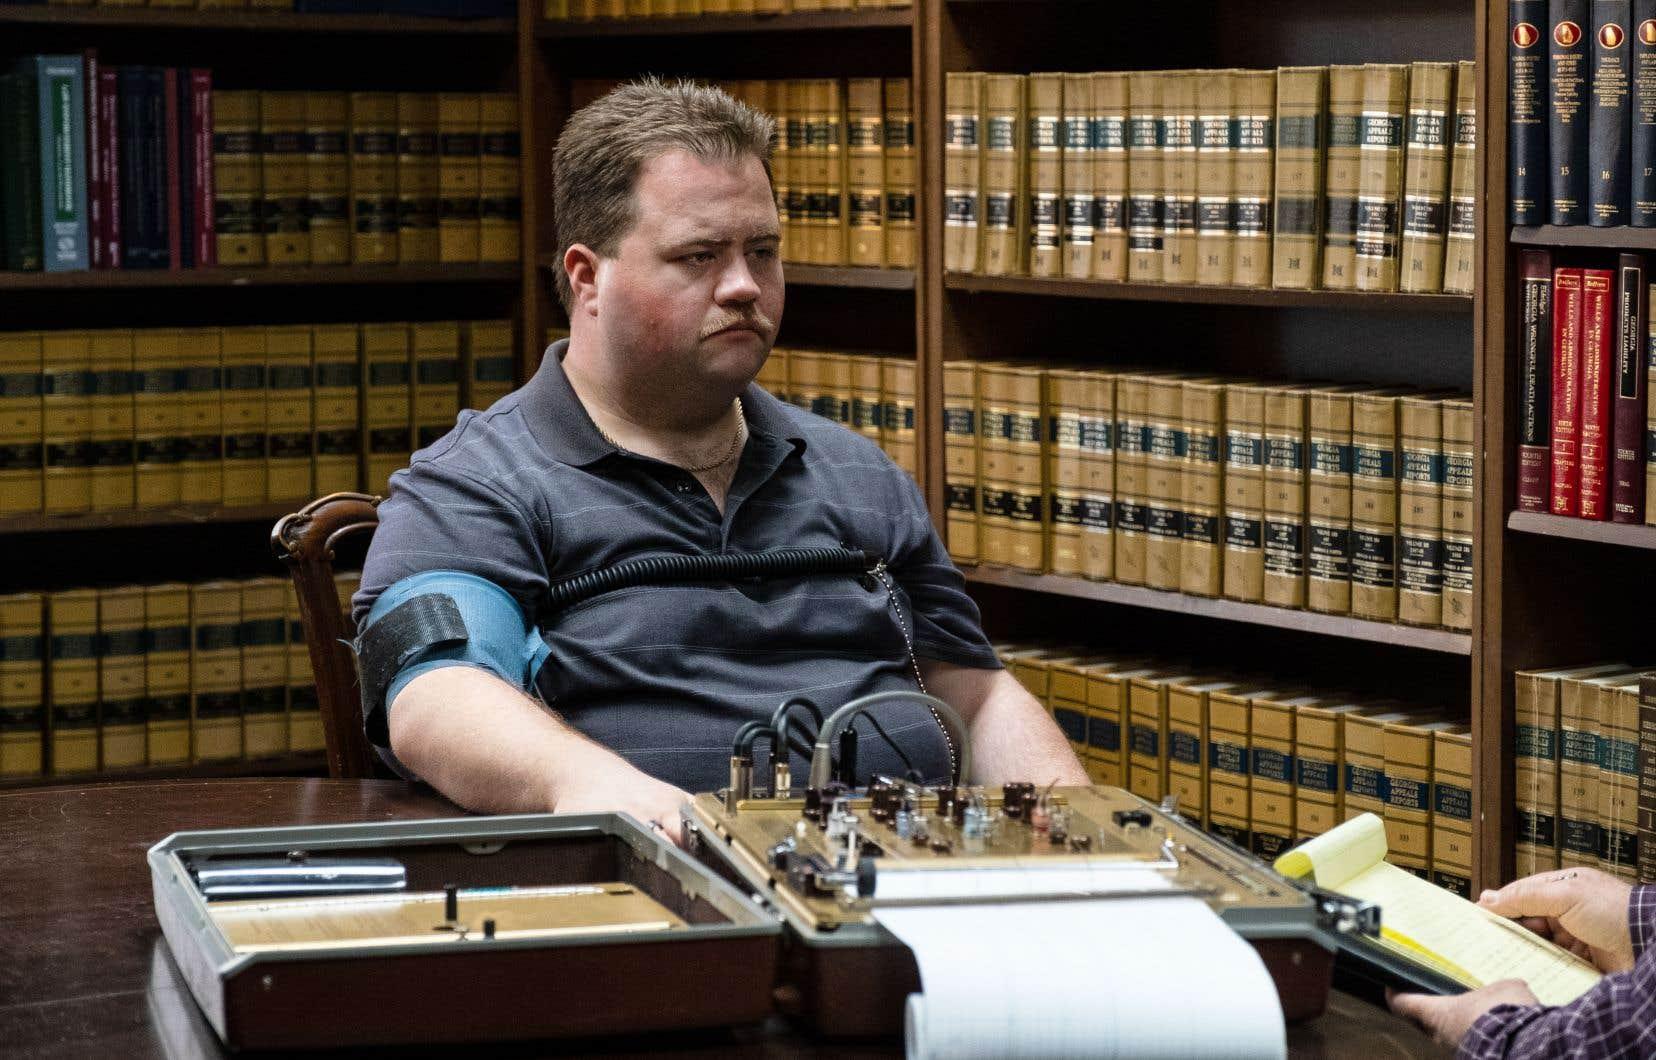 Tel qu'interprété par le remarquable Paul Walter Hauser, Richard Jewell se présente sous des dehors débonnaires, servile devant les autorités policières, même lorsqu'il se retrouve au banc des accusés.